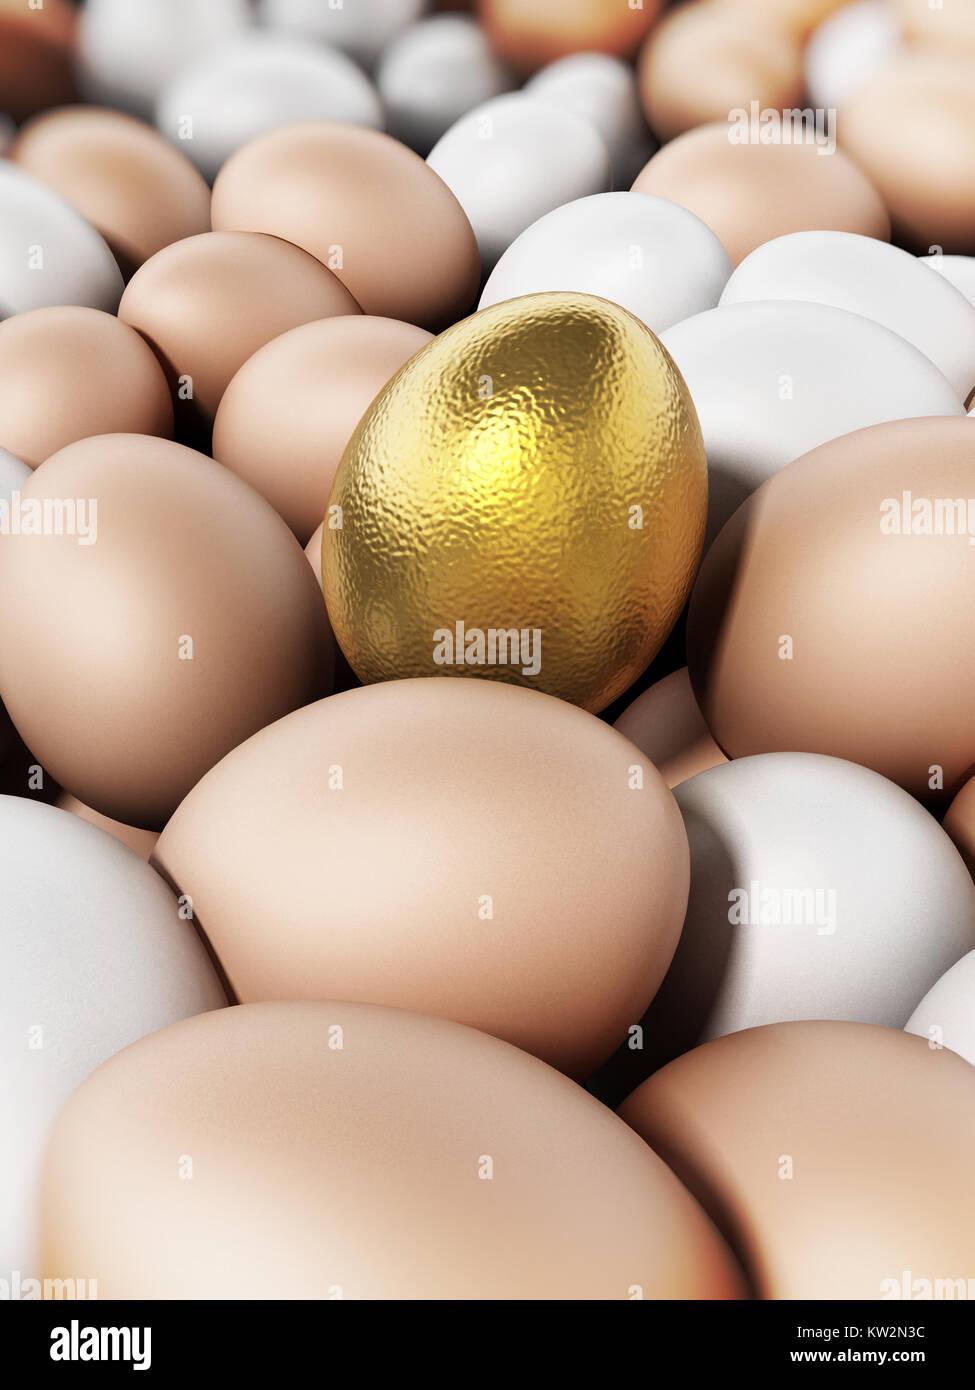 Huevo de Oro destacan entre los huevos blancos y marrones. Ilustración 3D. Imagen De Stock